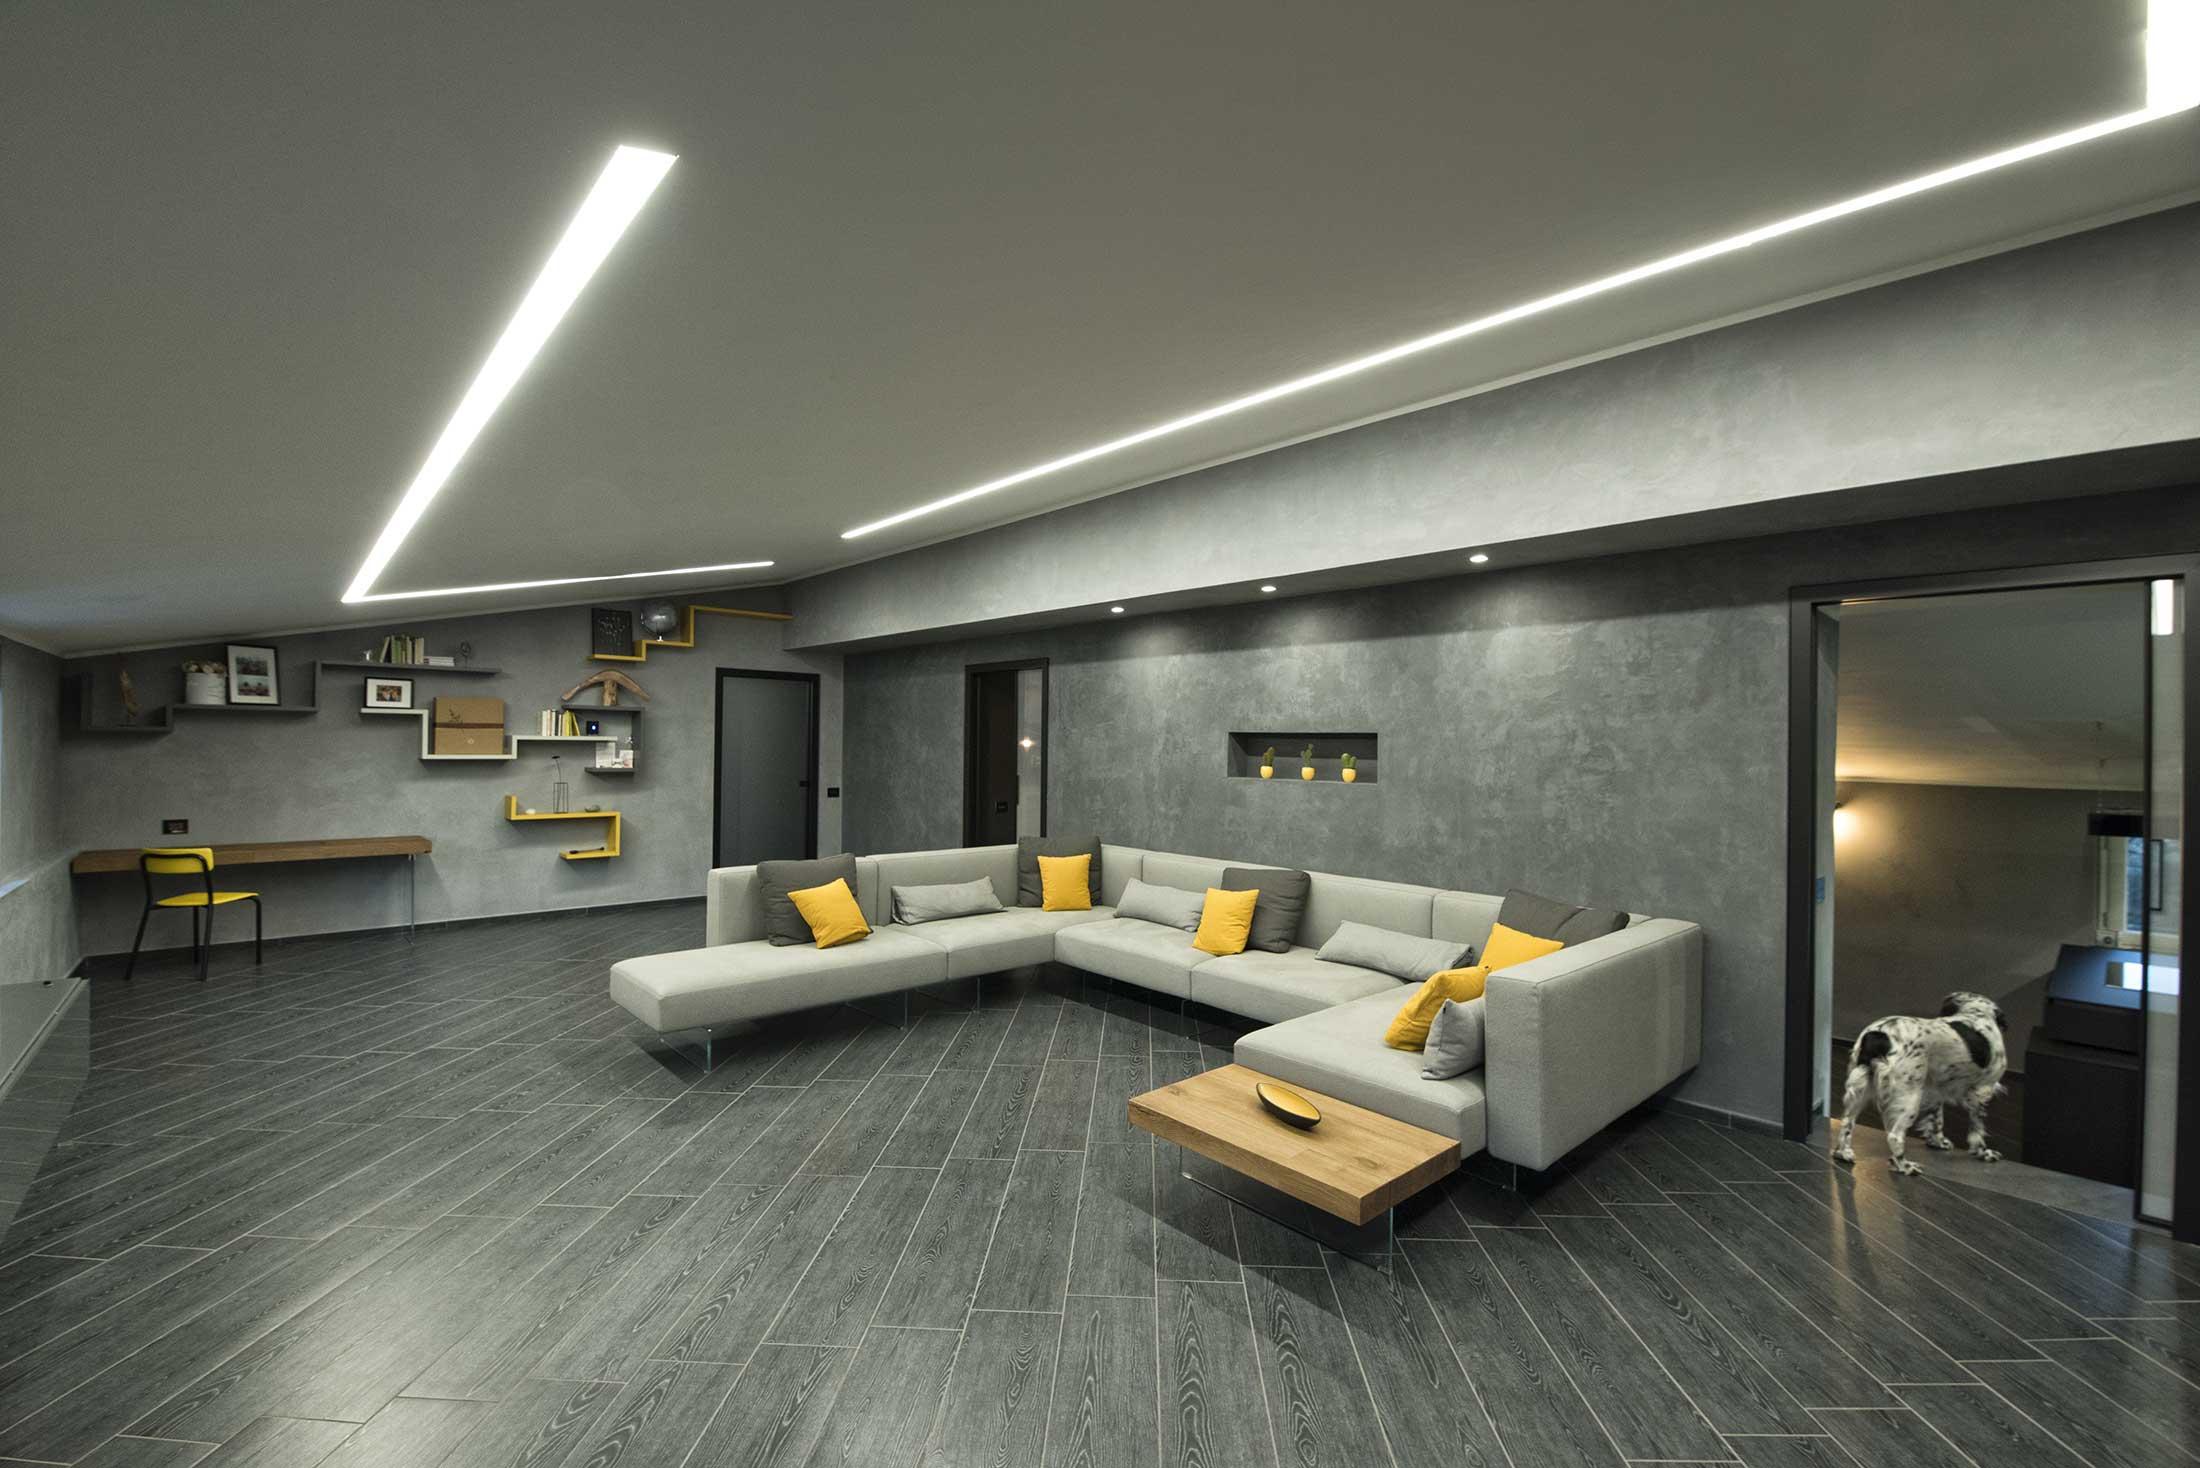 progetti-architettura-design-Formia-Addessi-Design-progettazione (15)